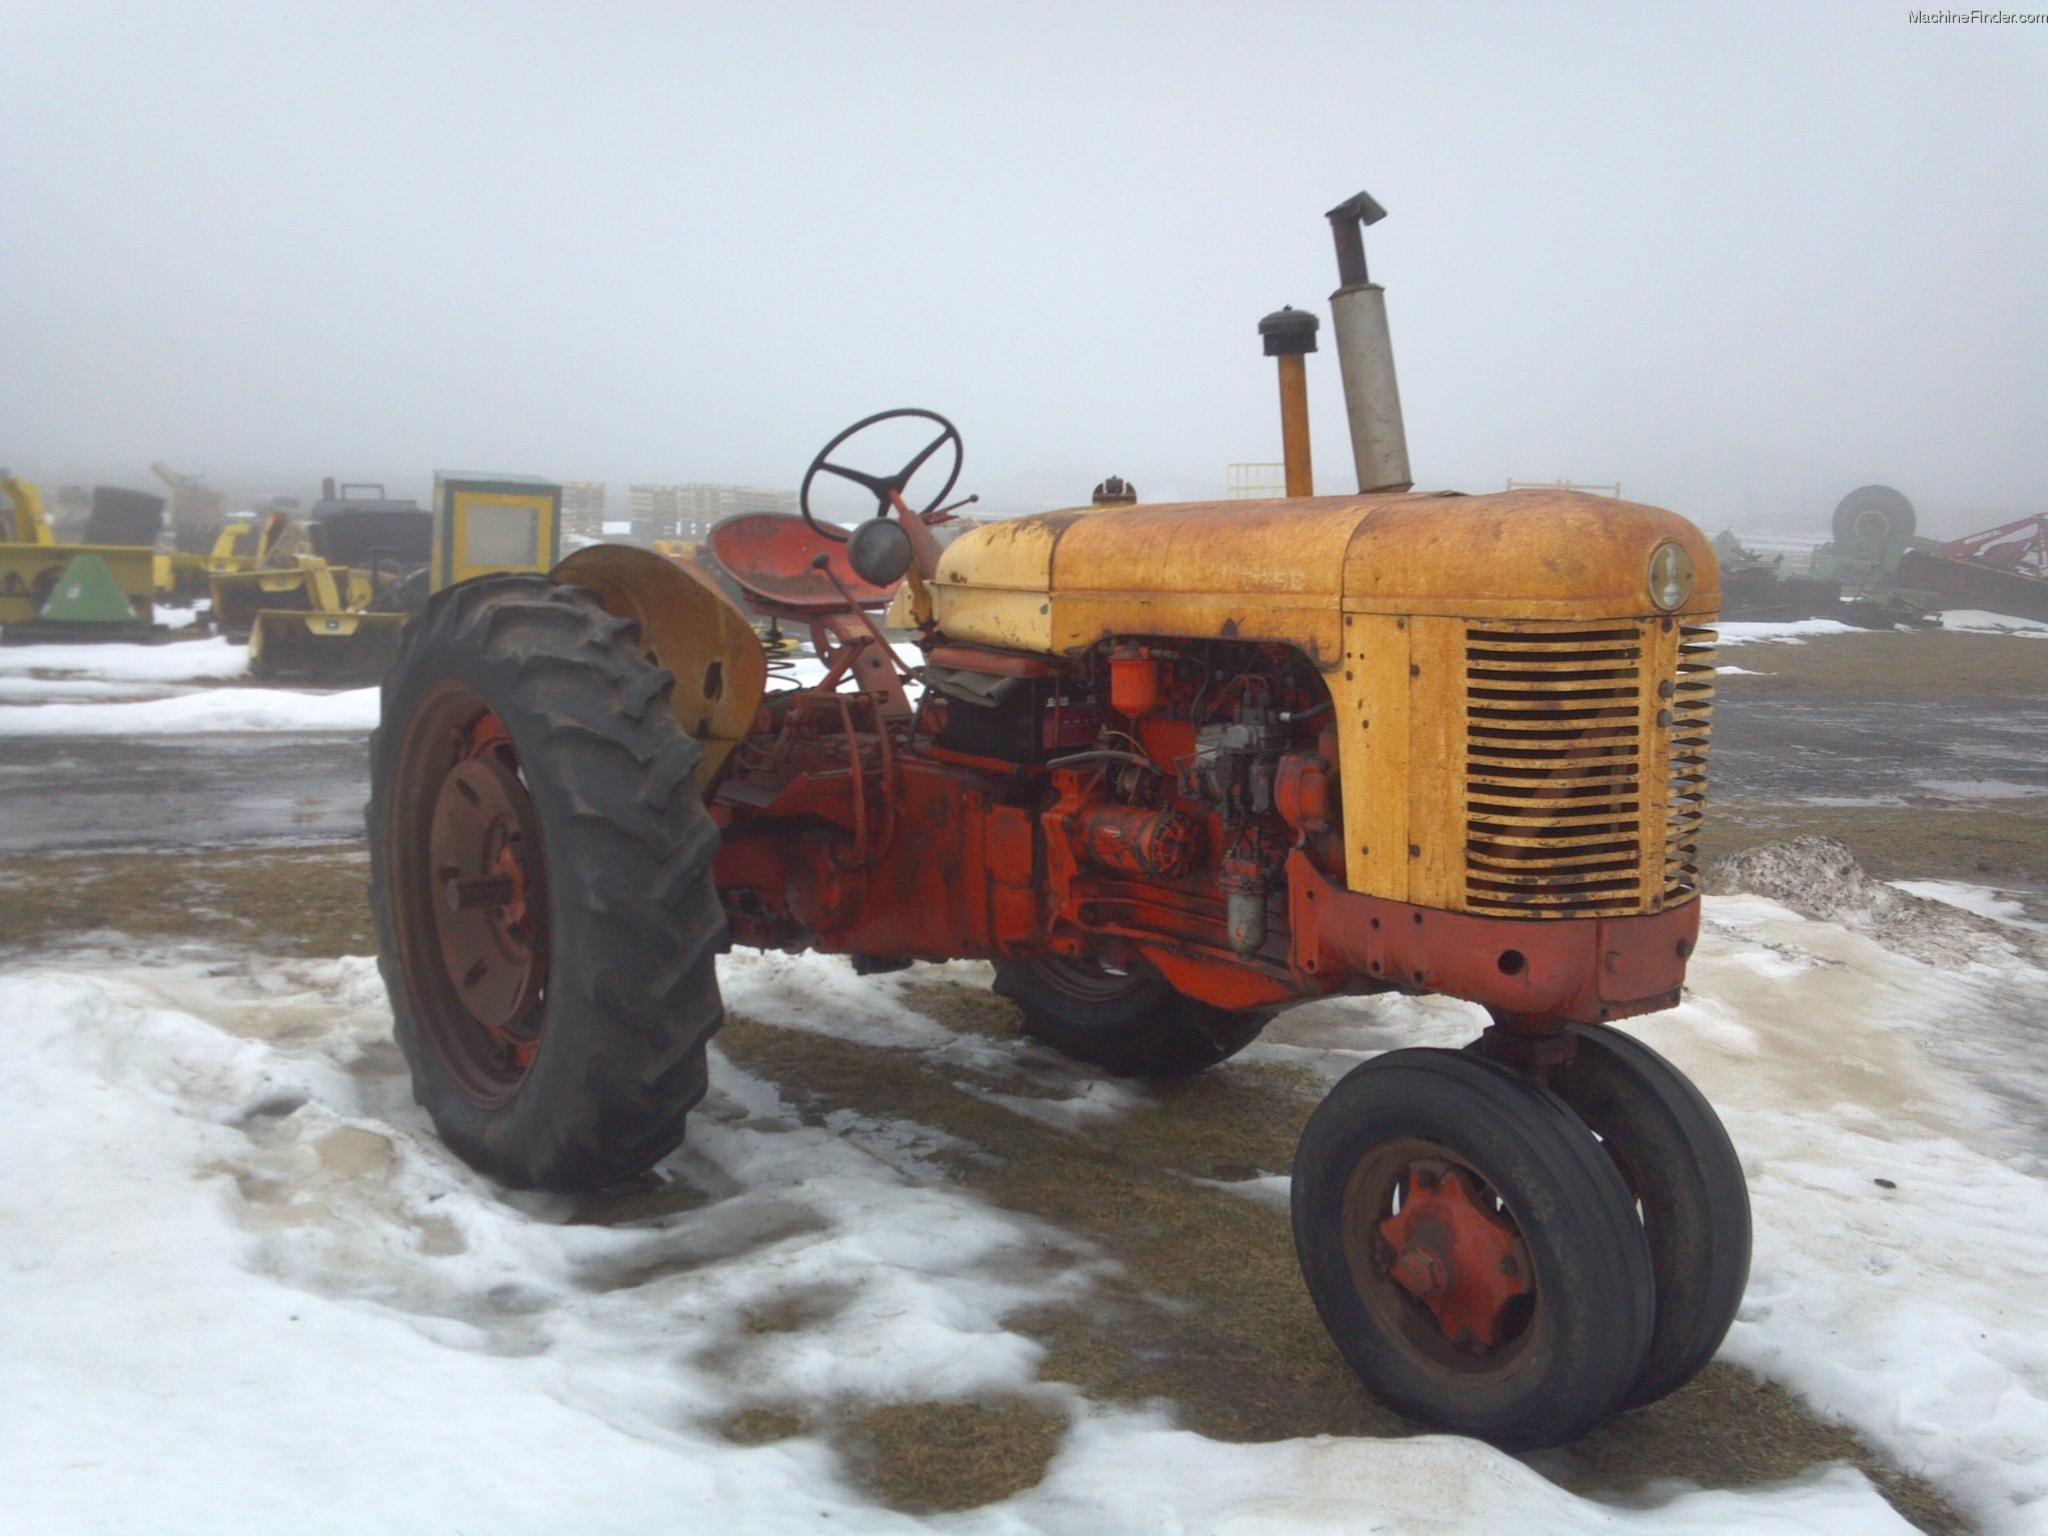 1956 Case Tractor : Tweet